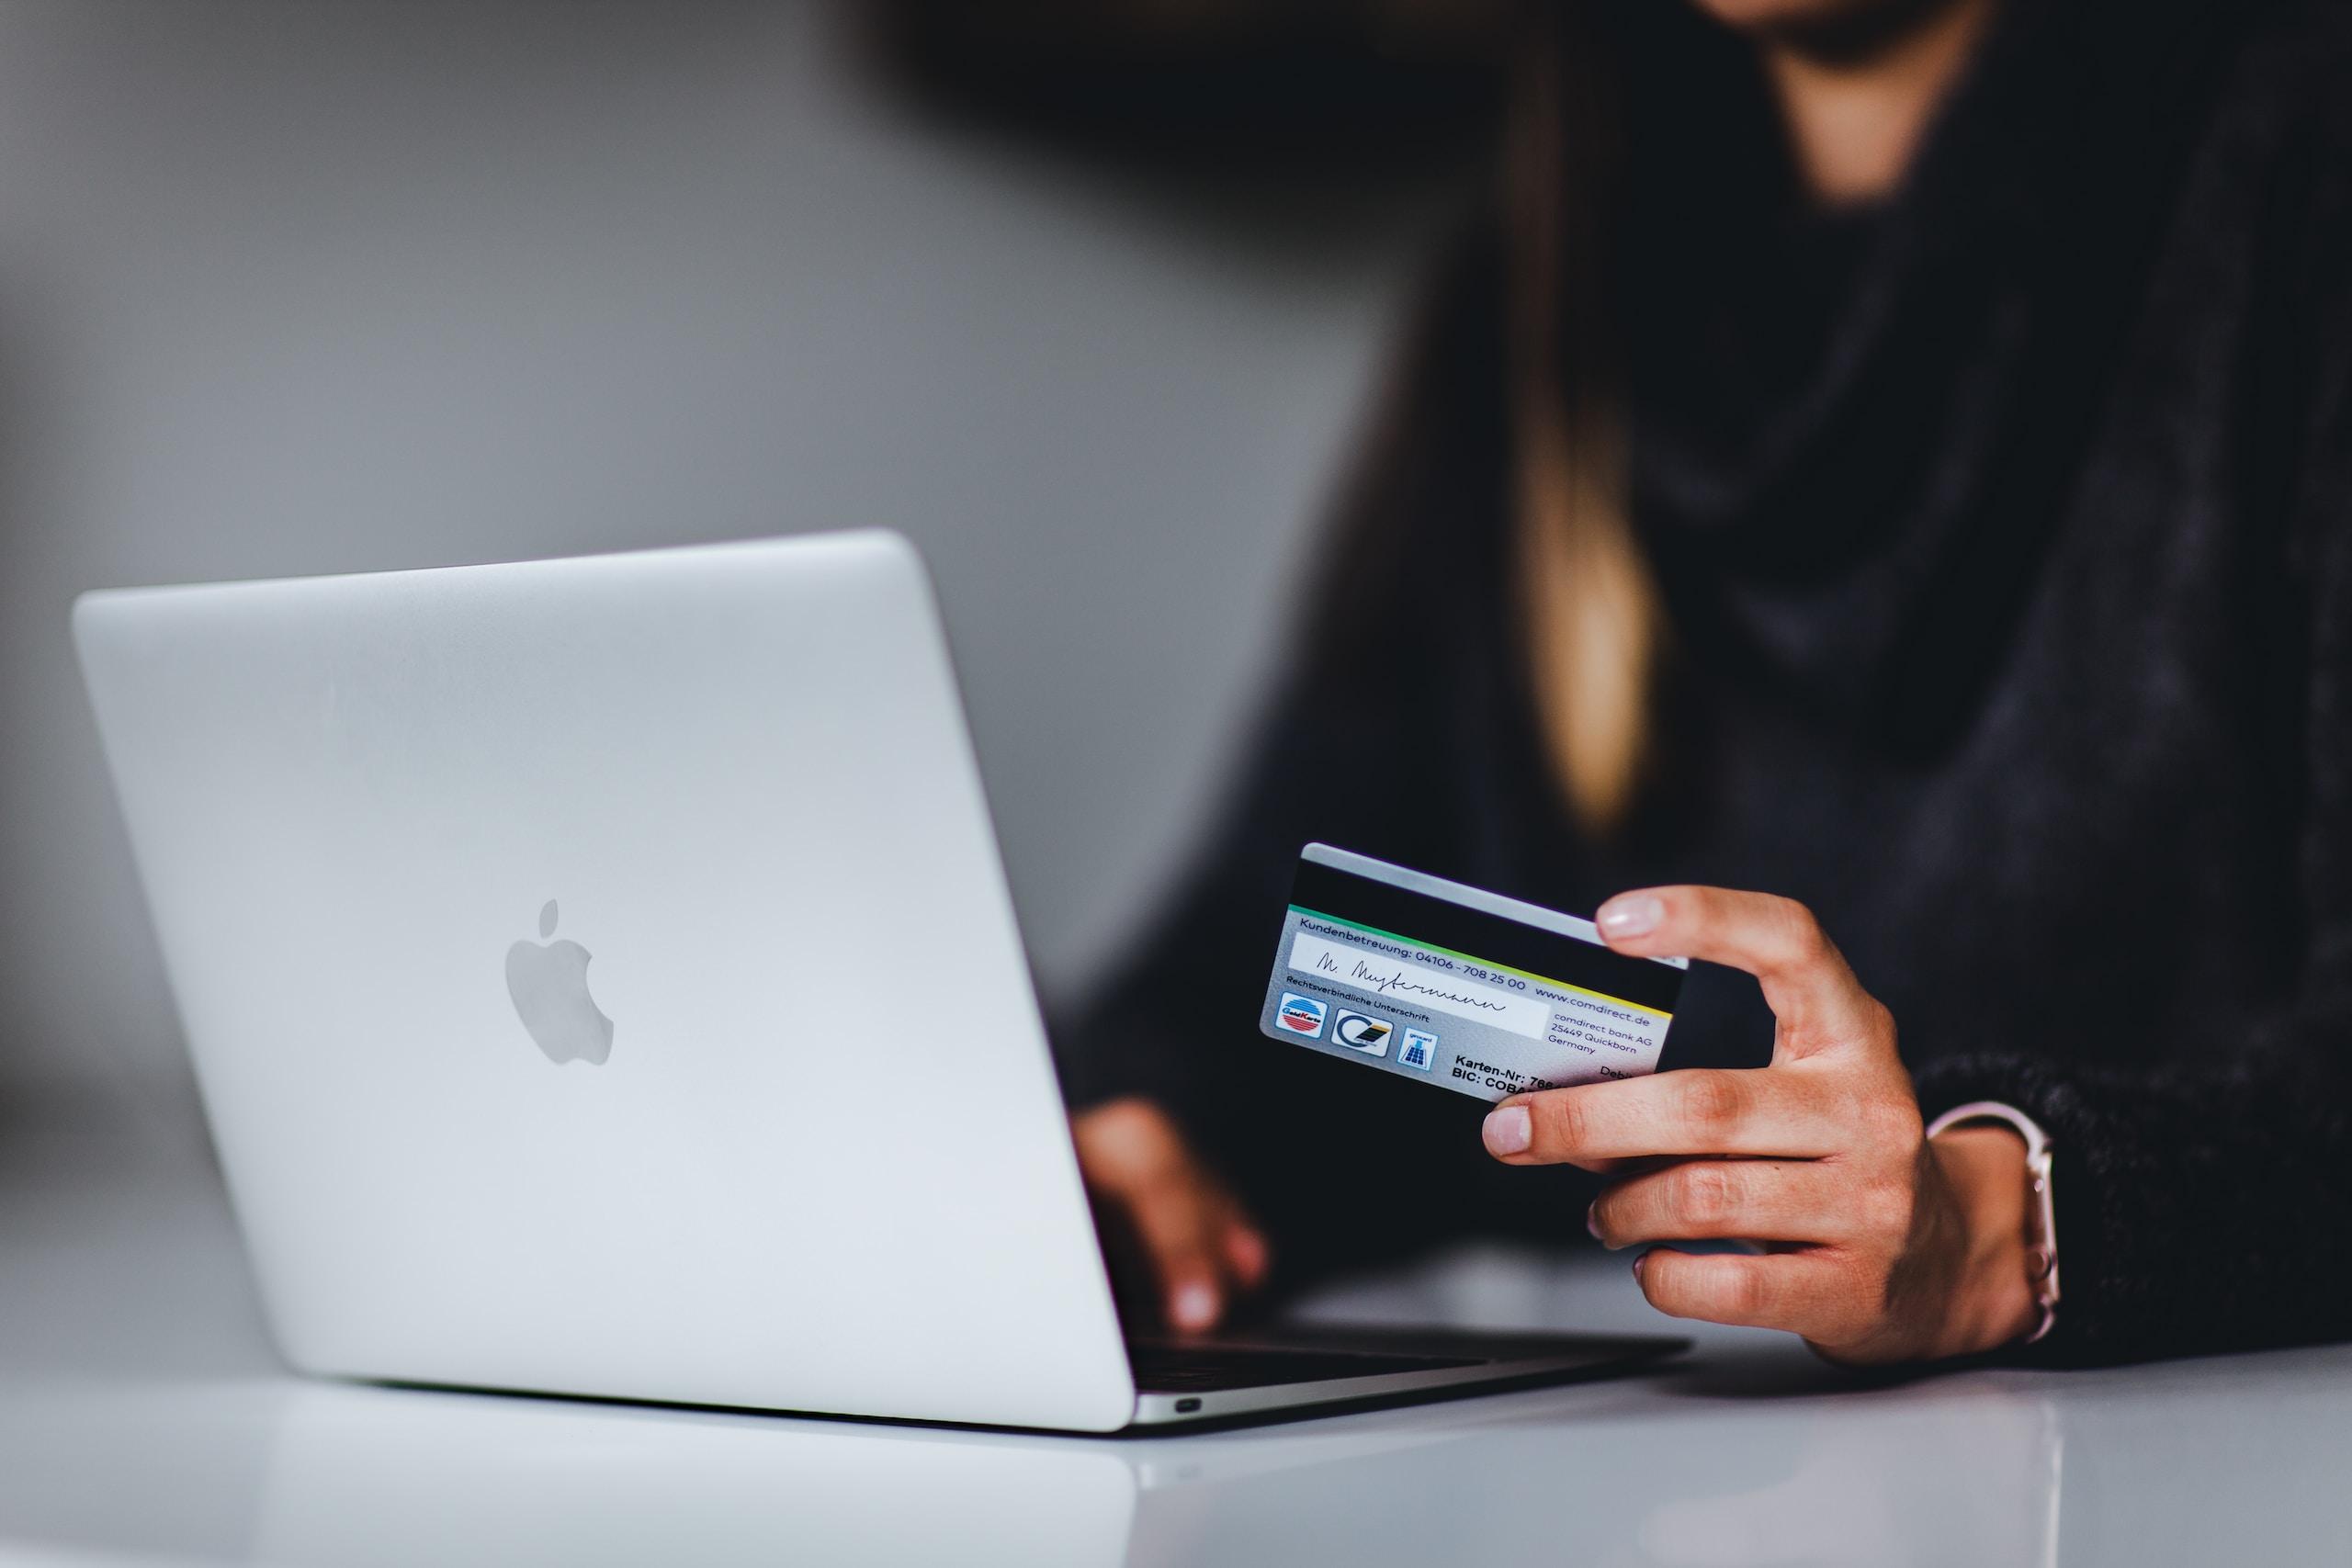 Frau mit schwarzem Smartphone in der Nähe von silbernem MacBook